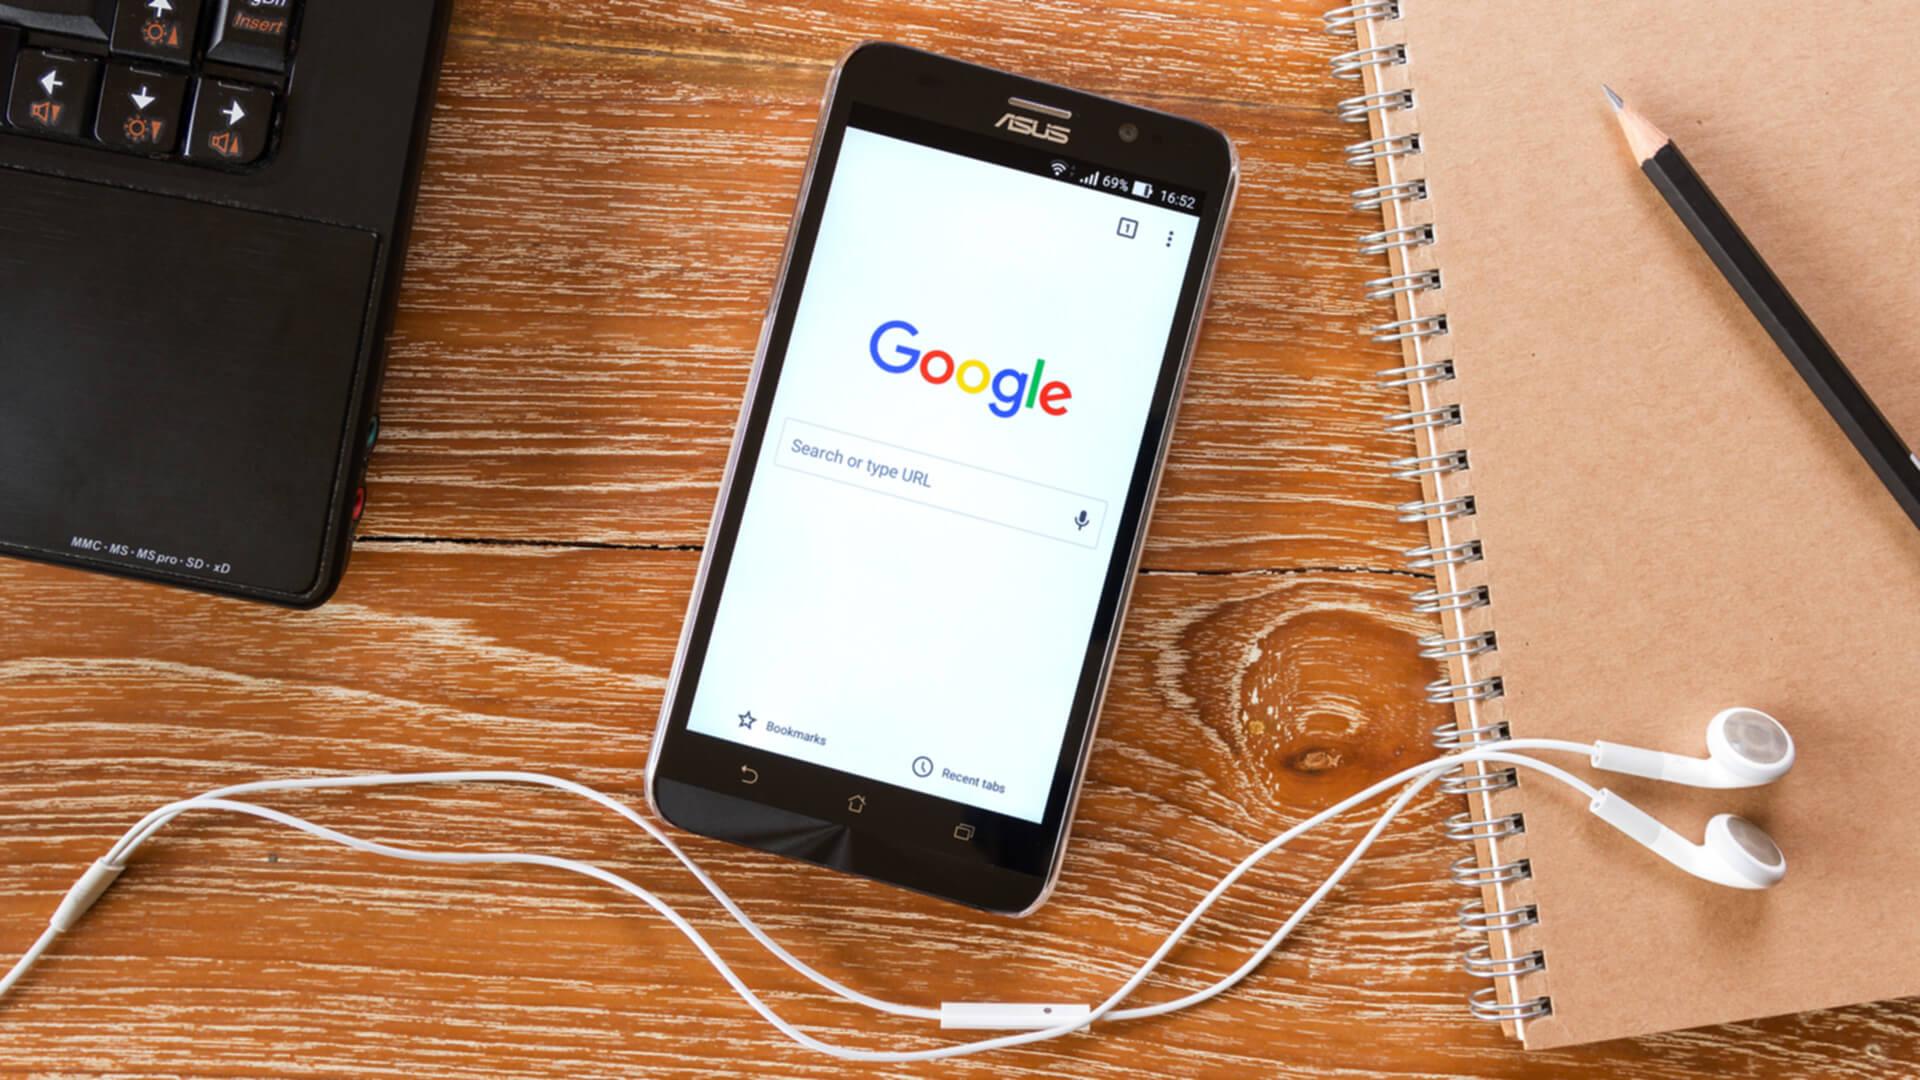 طريقة منع جوجل من تتبع الموقع الخاص بك للأندرويد والآيفون والآيباد واللابتوب 1